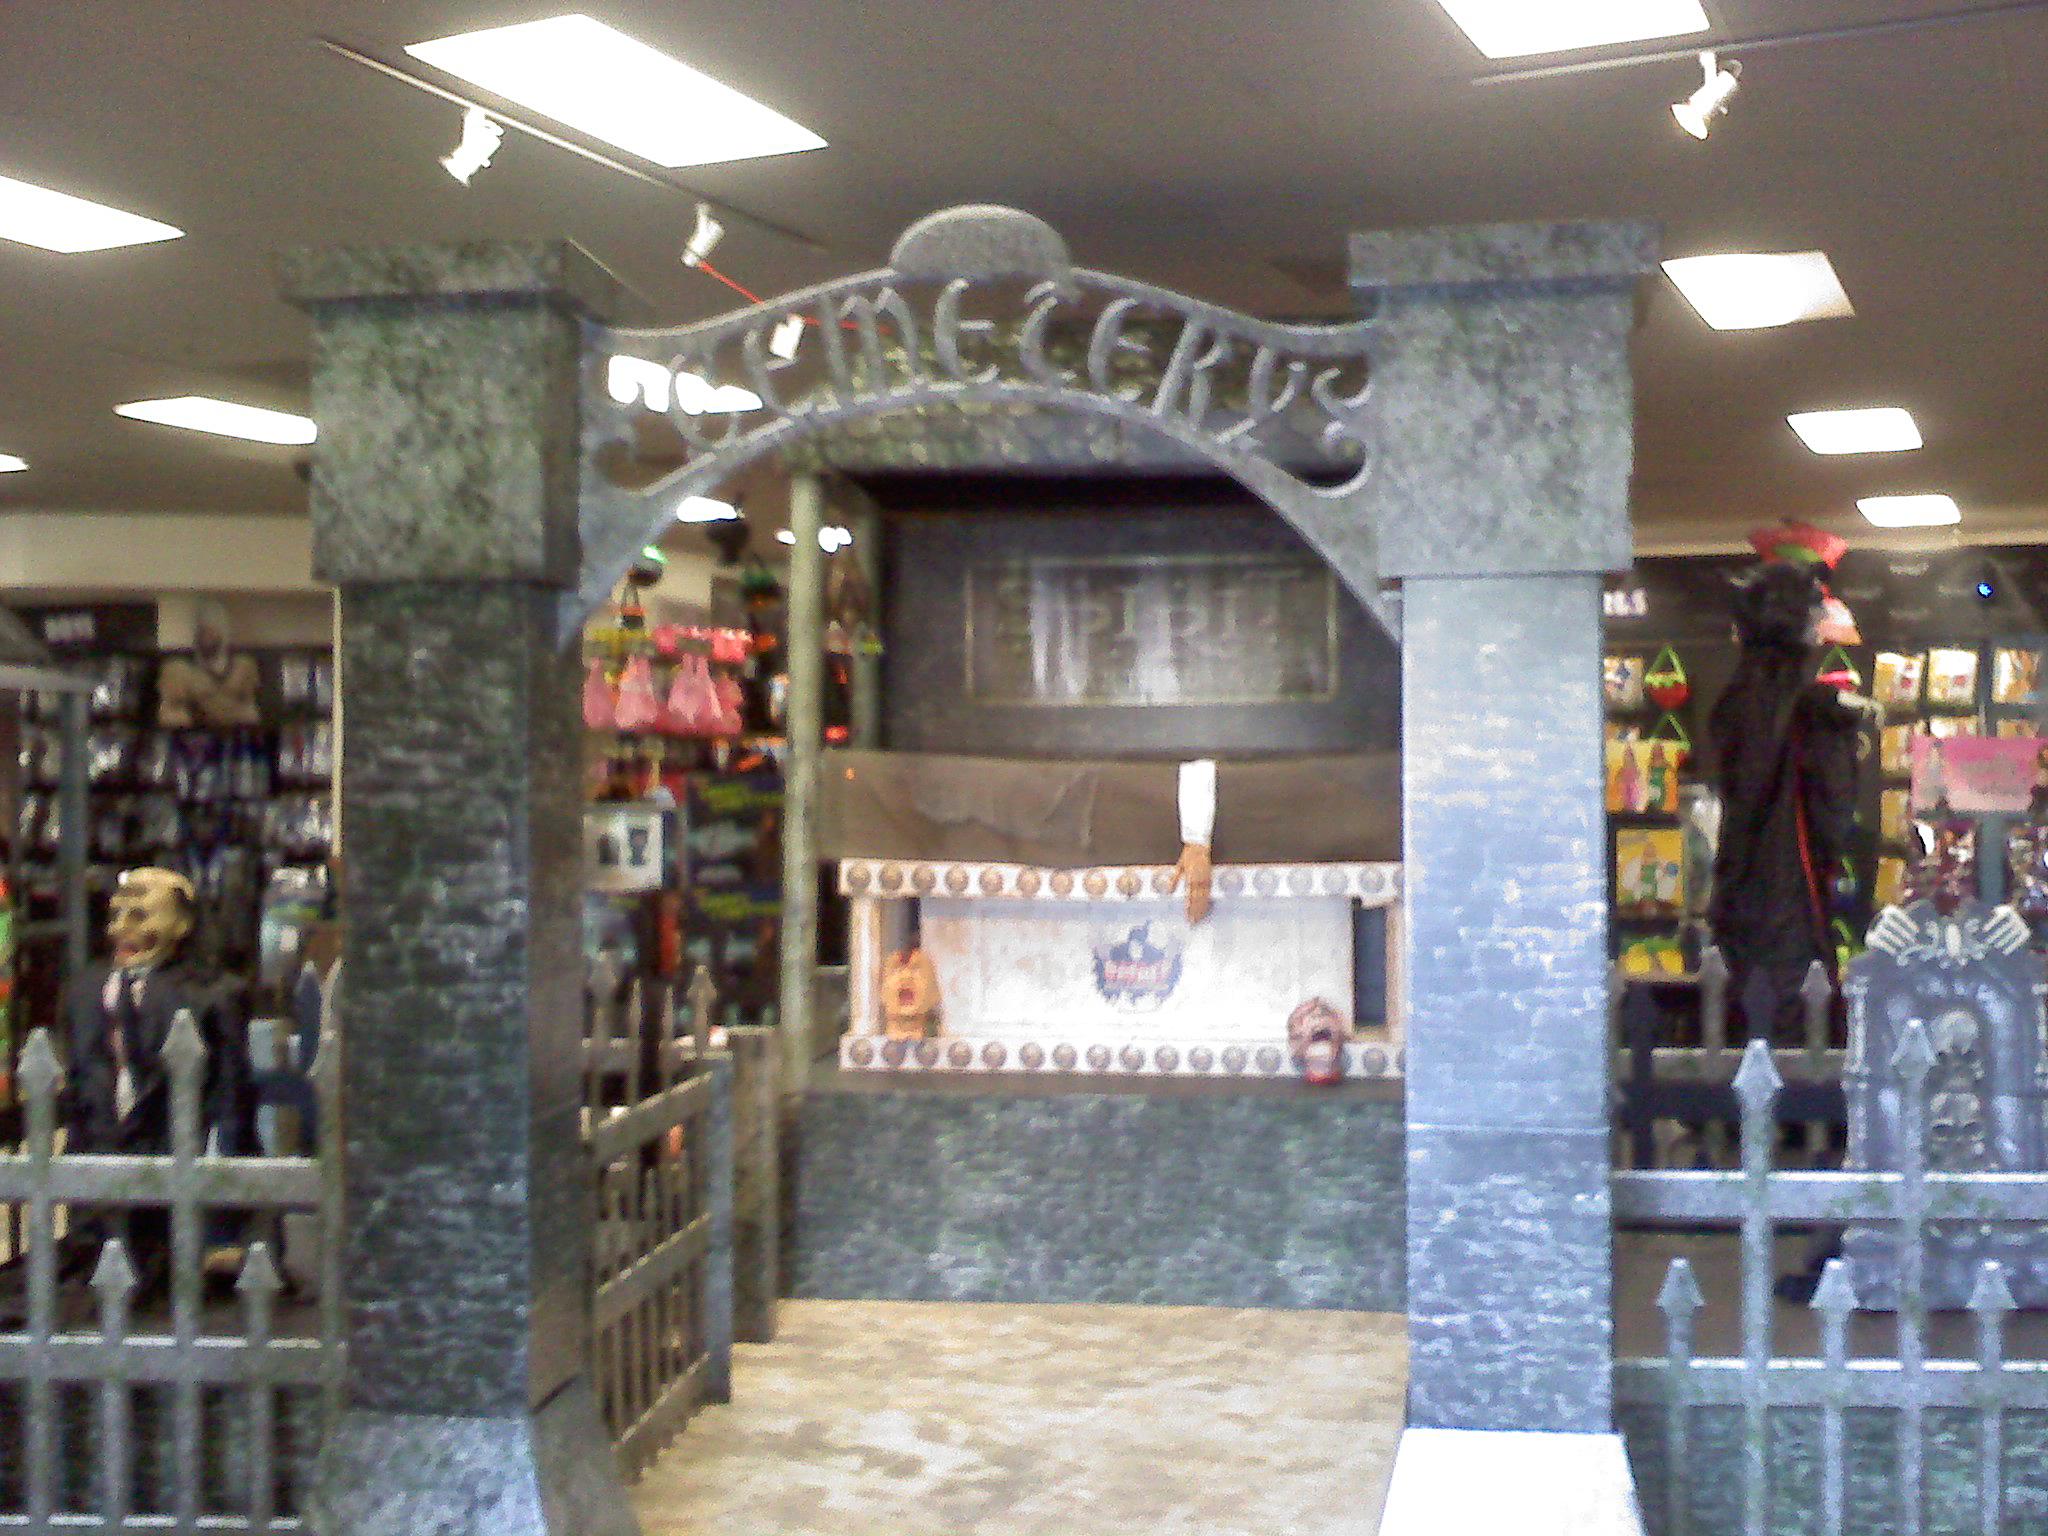 Halloween Shop Displays.Spirit Halloween Stores Spirit Halloween Super Stores Spirit Santee